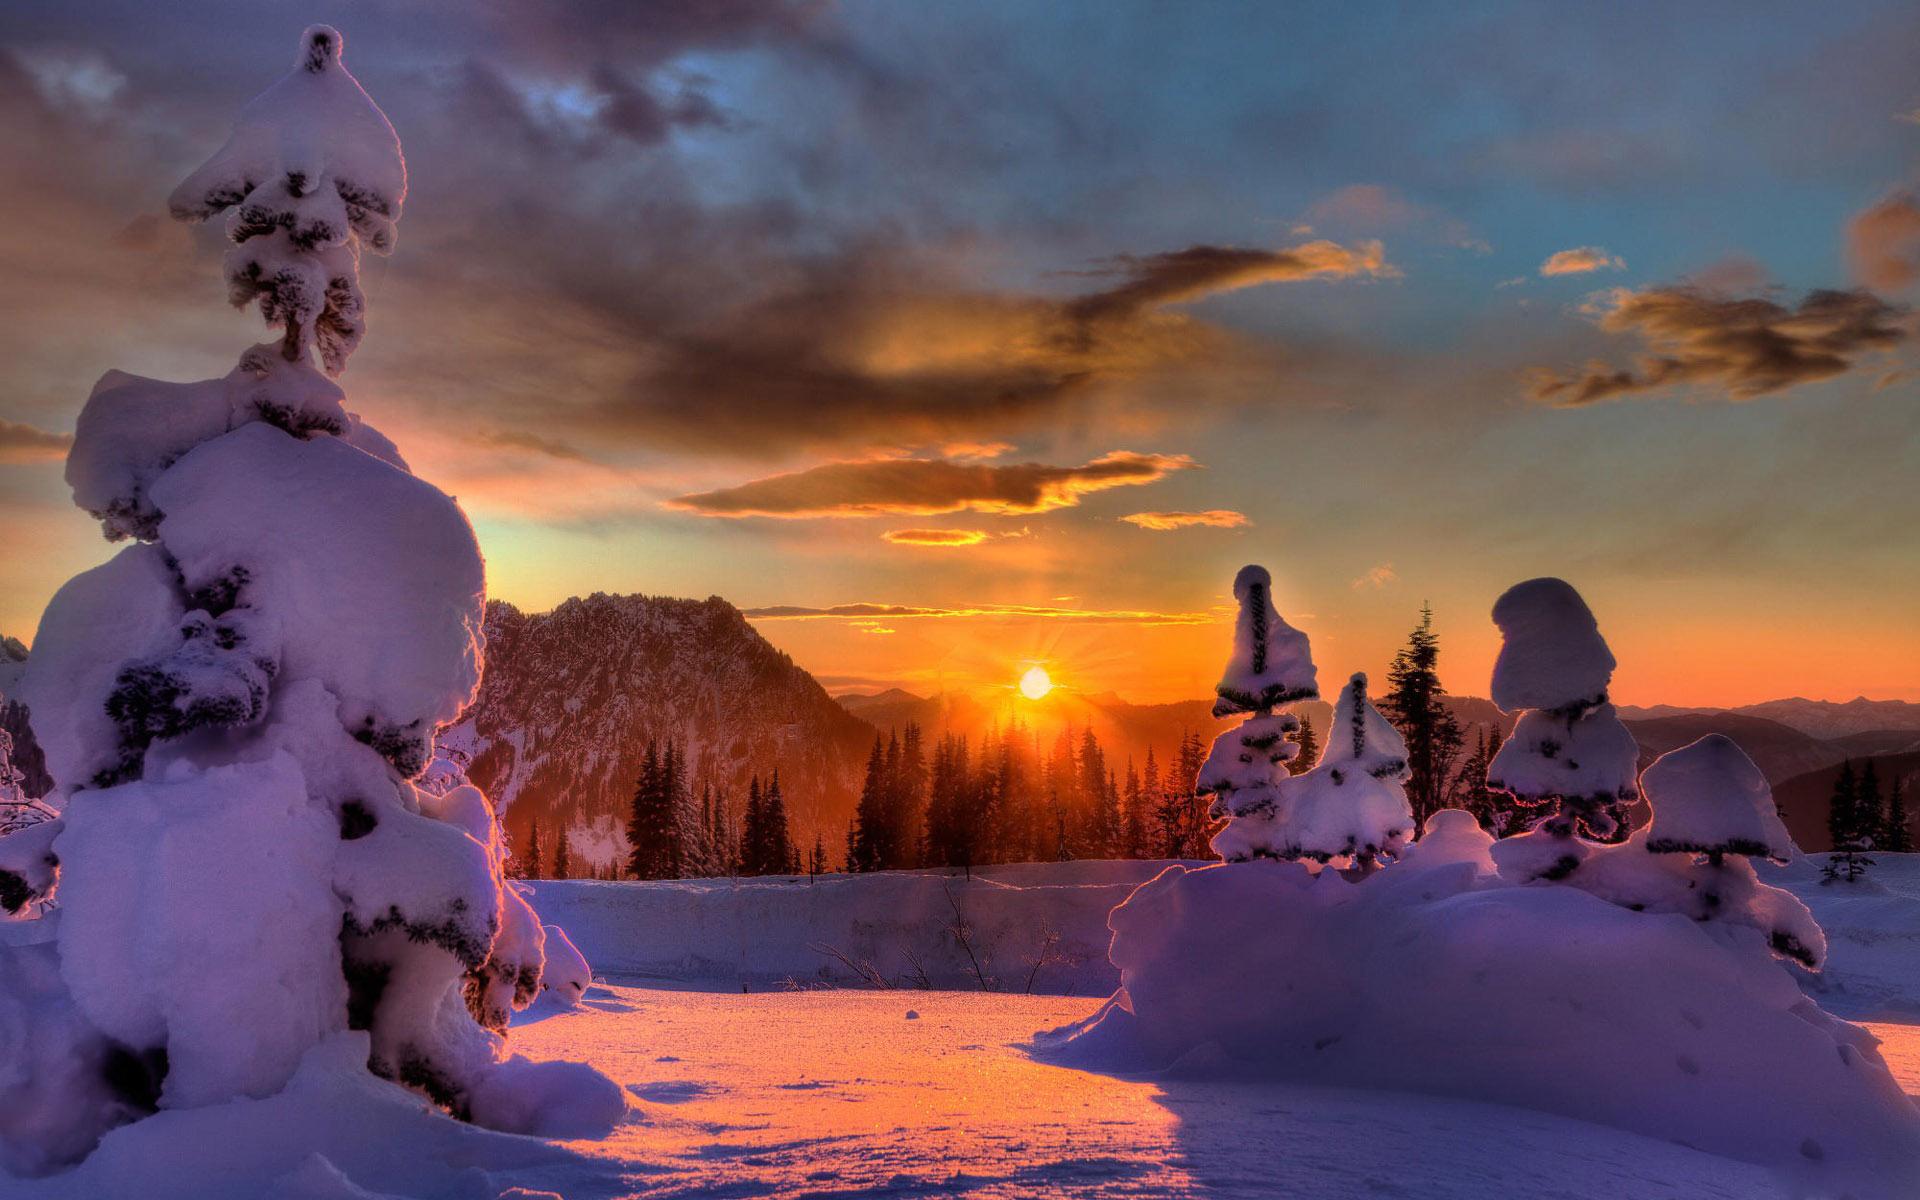 sunset backgrounds for desktop sunset backgrounds for desktop 1920x1200